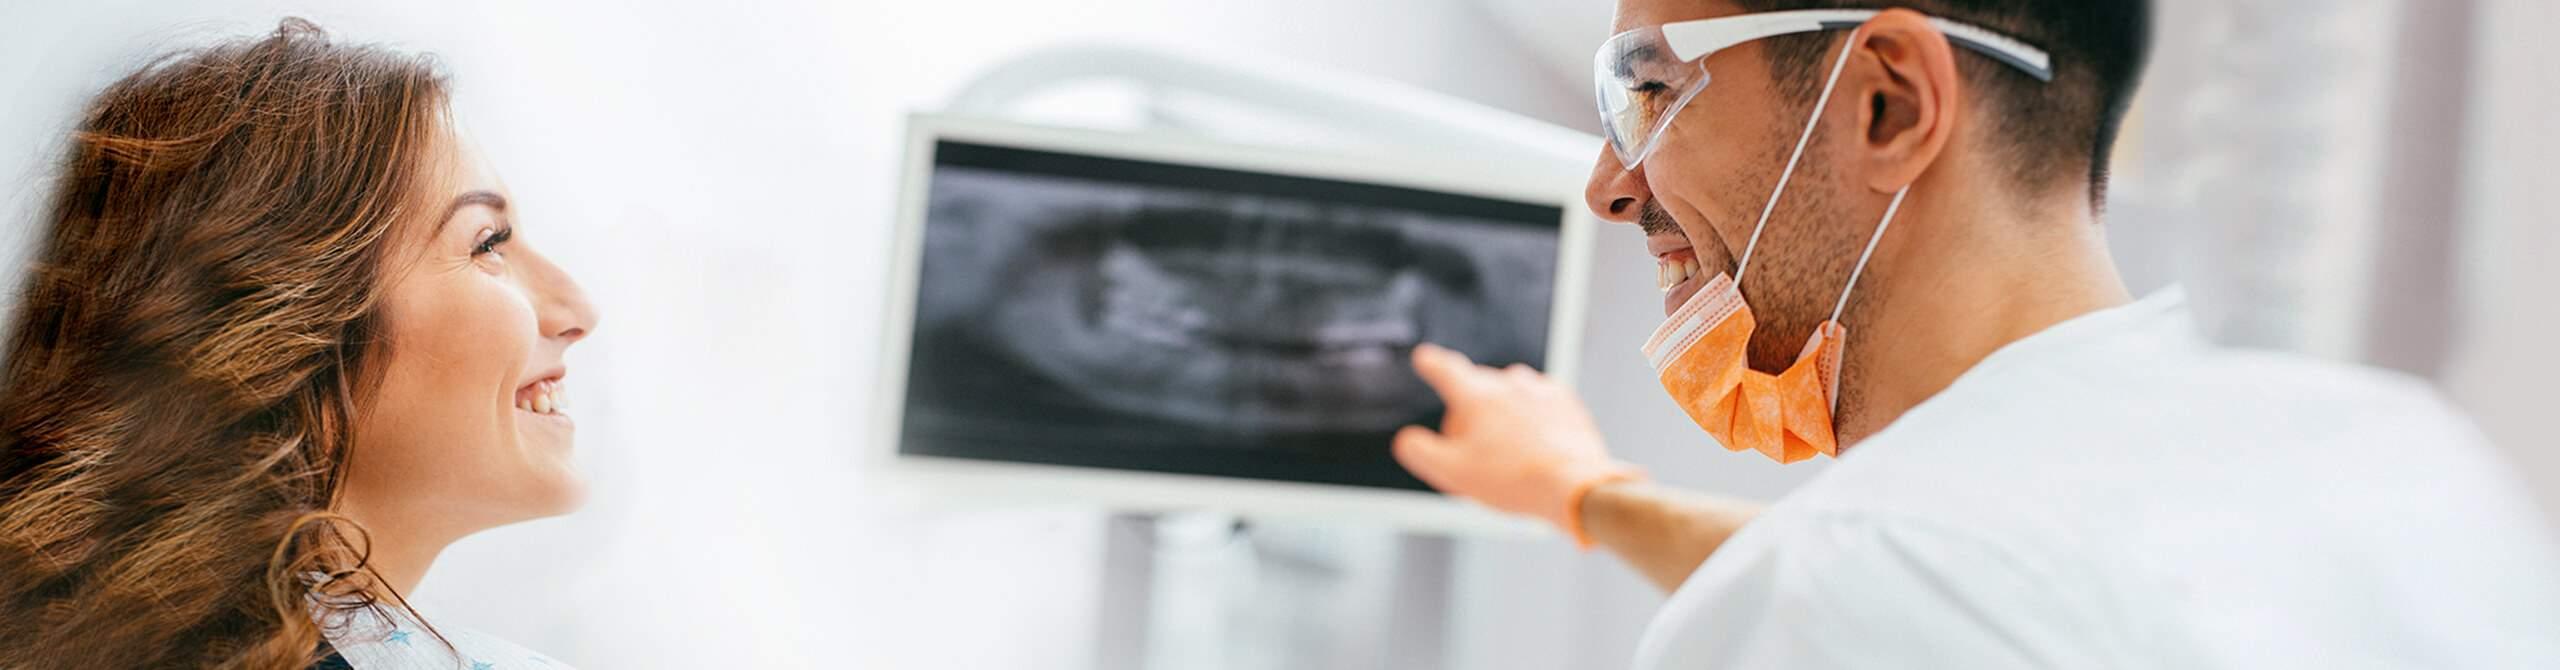 Zahnarzt berät Patientin zum Thema Zahnersatz